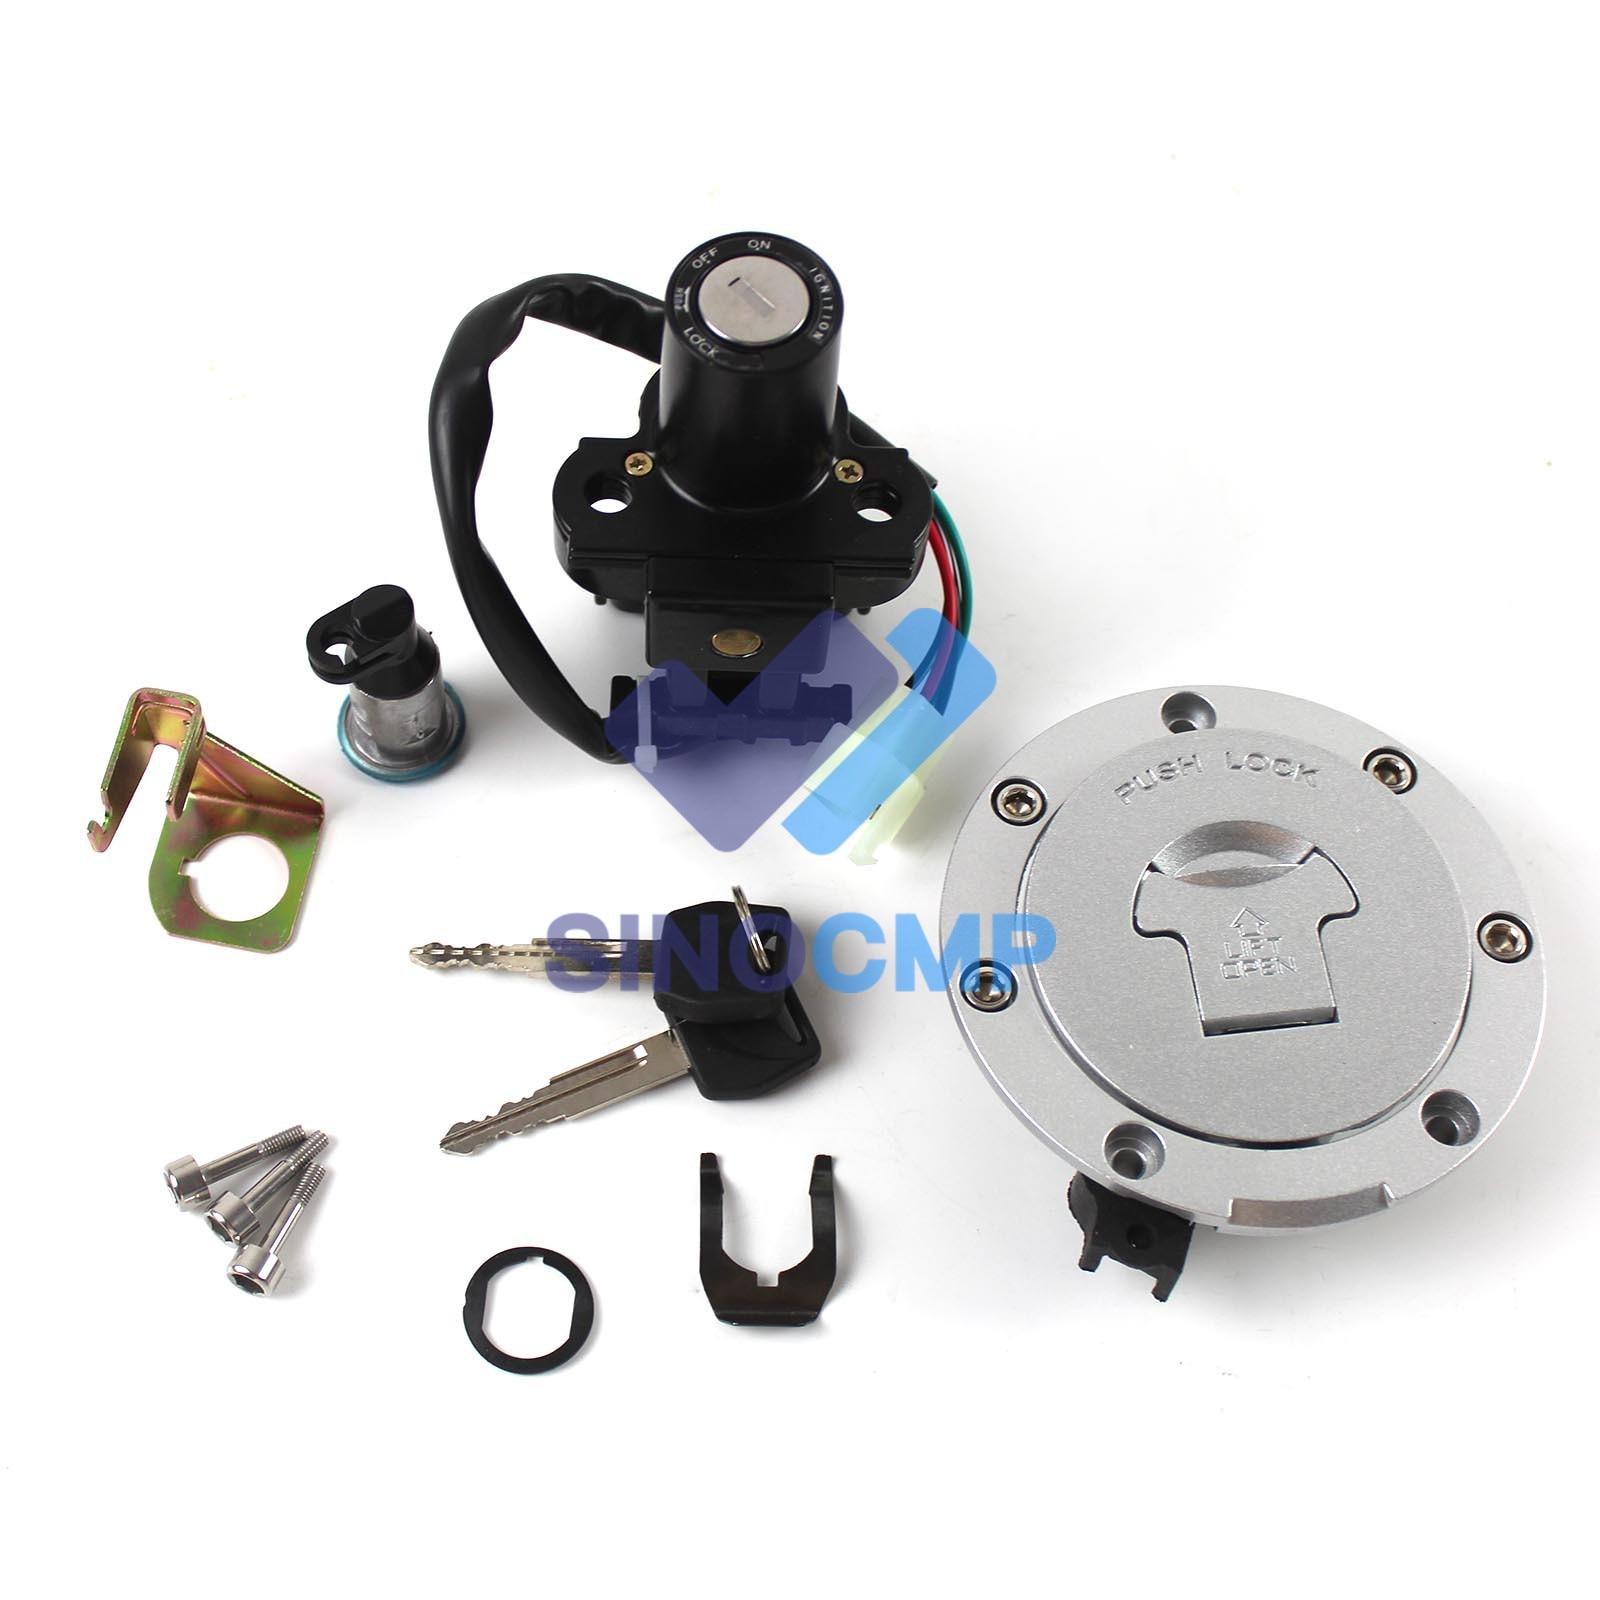 مفتاح إشعال الوقود الغاز كاب مفتاح القفل ل CBR 600 F4 1999-2000 VTR1000F 01-05 دراجة نارية